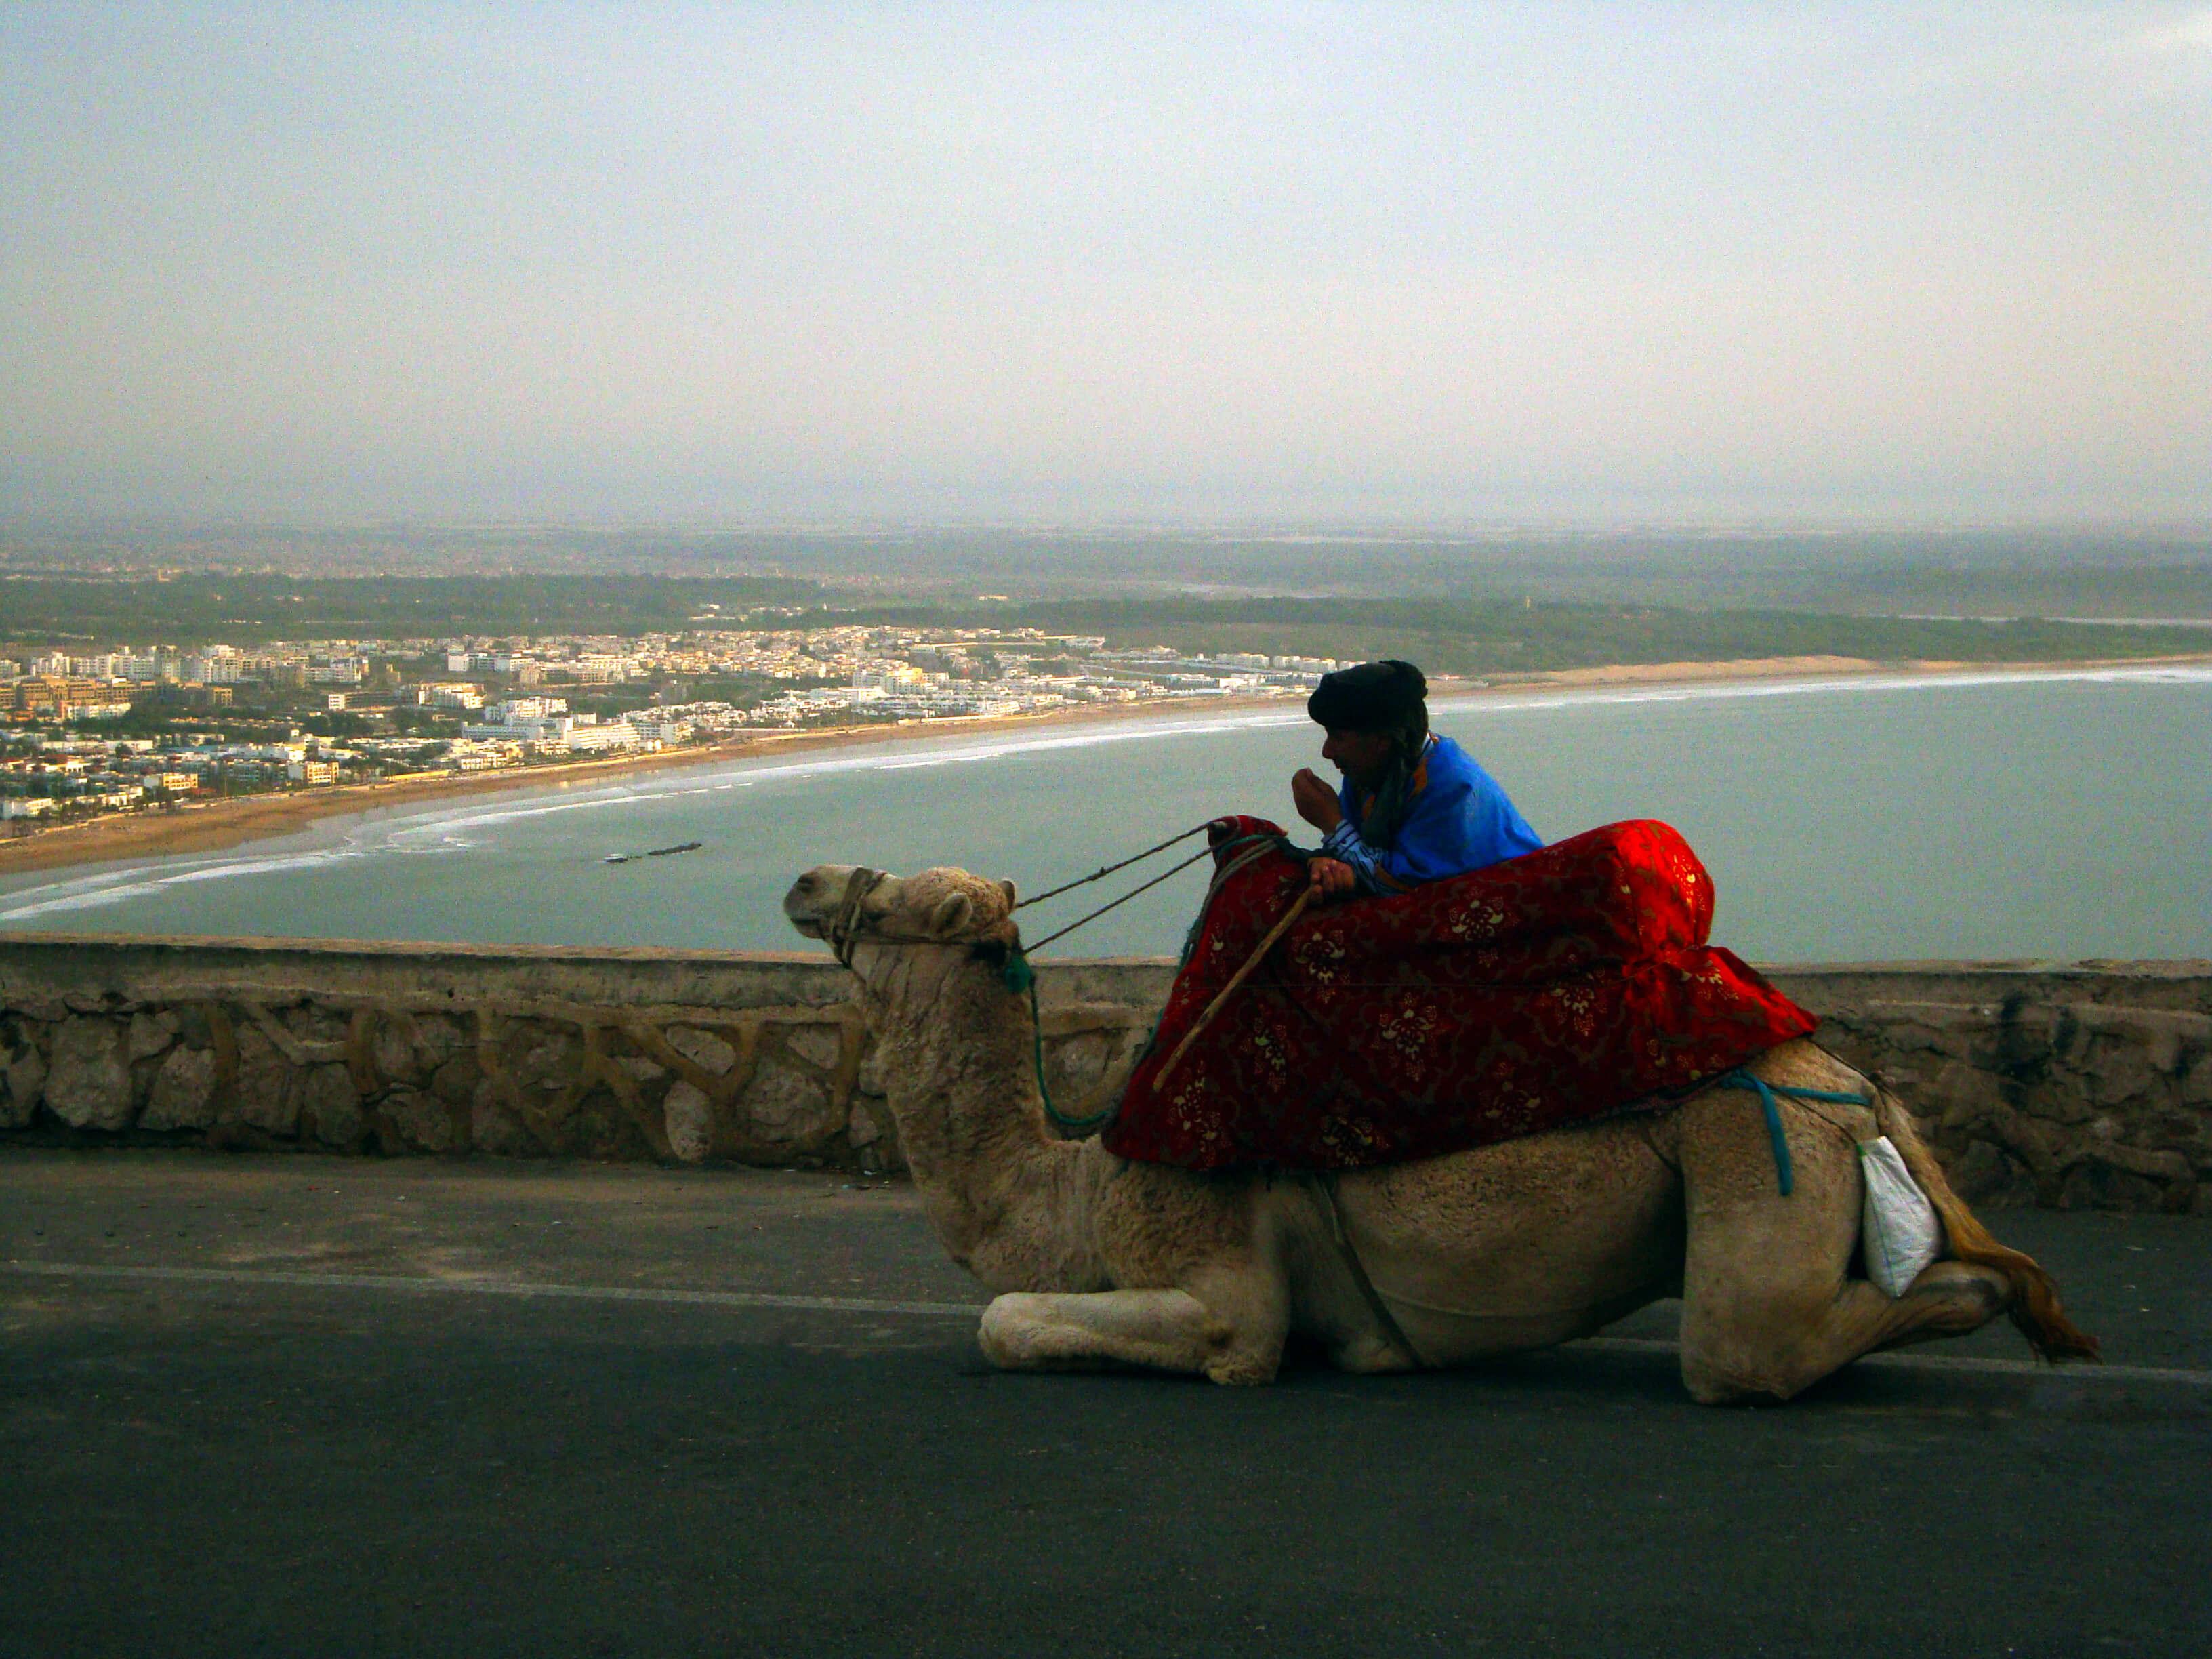 La promenade à dos de chameaux est une activité incontournable, surtout si on aime le caractère exotique de la balade.